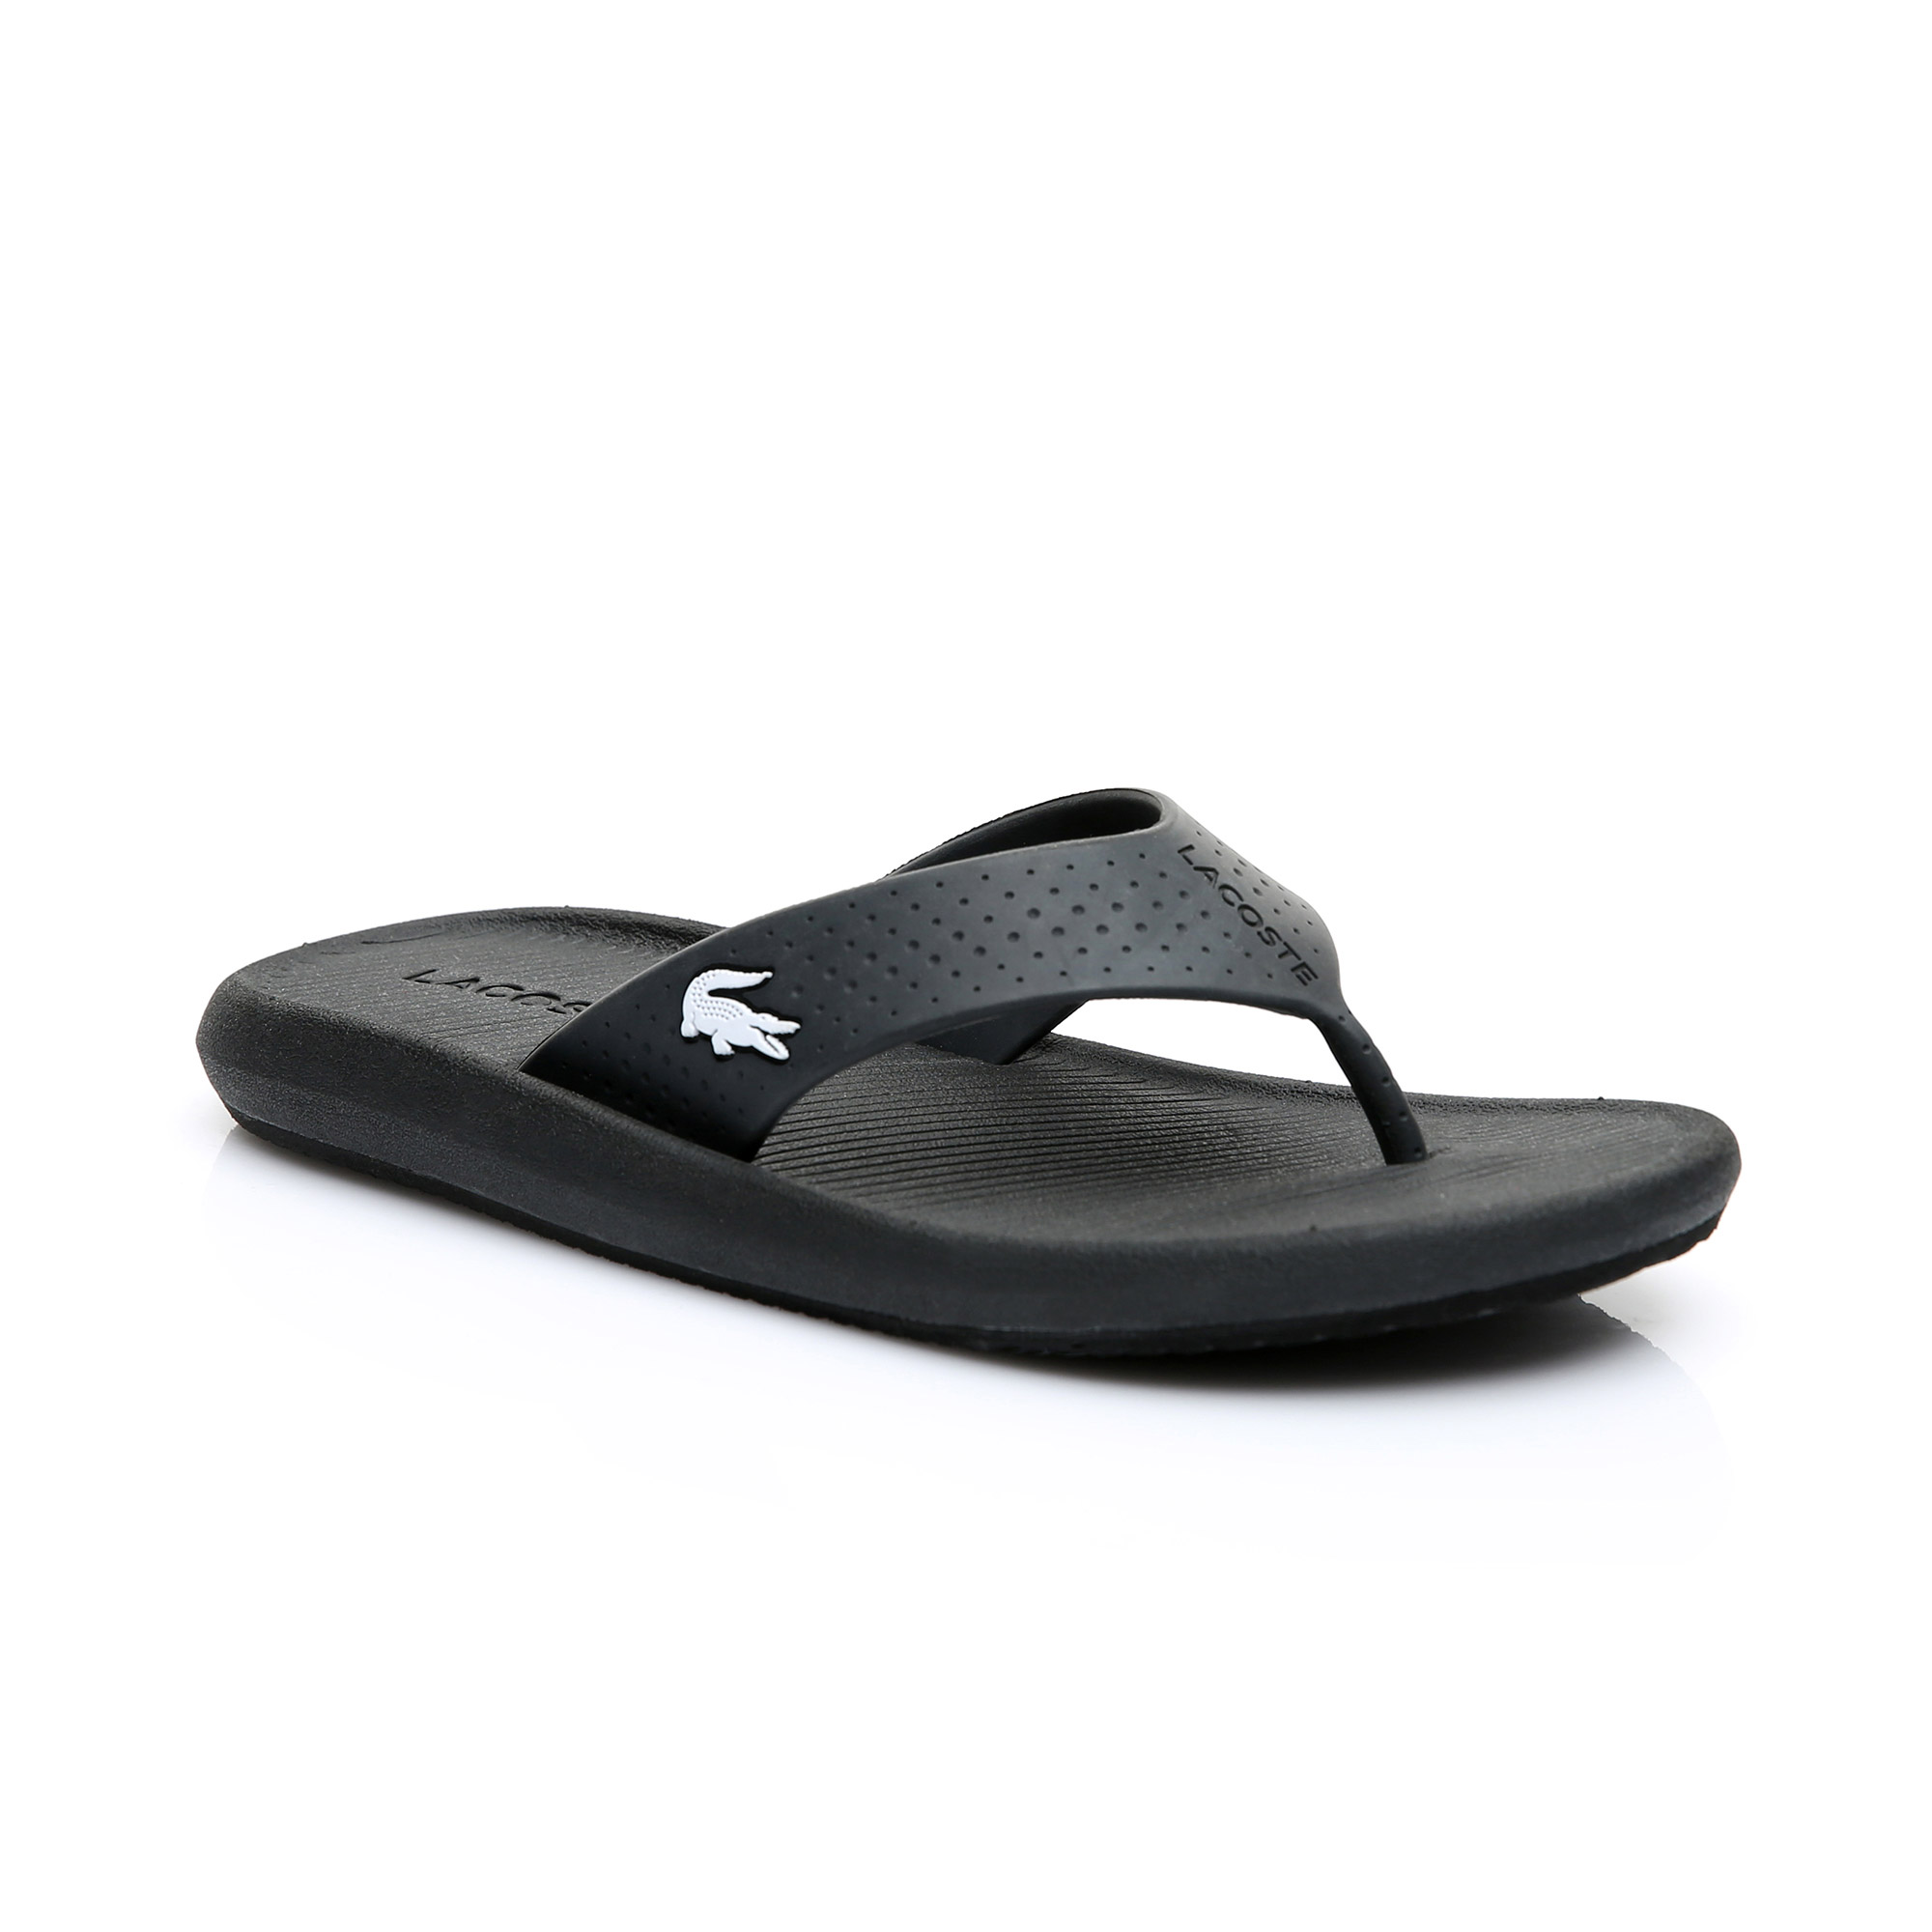 869298a03 Lacoste Kadın Siyah - Beyaz Croco Sandal 219 1 Casual Ayakkabı Kadin ...